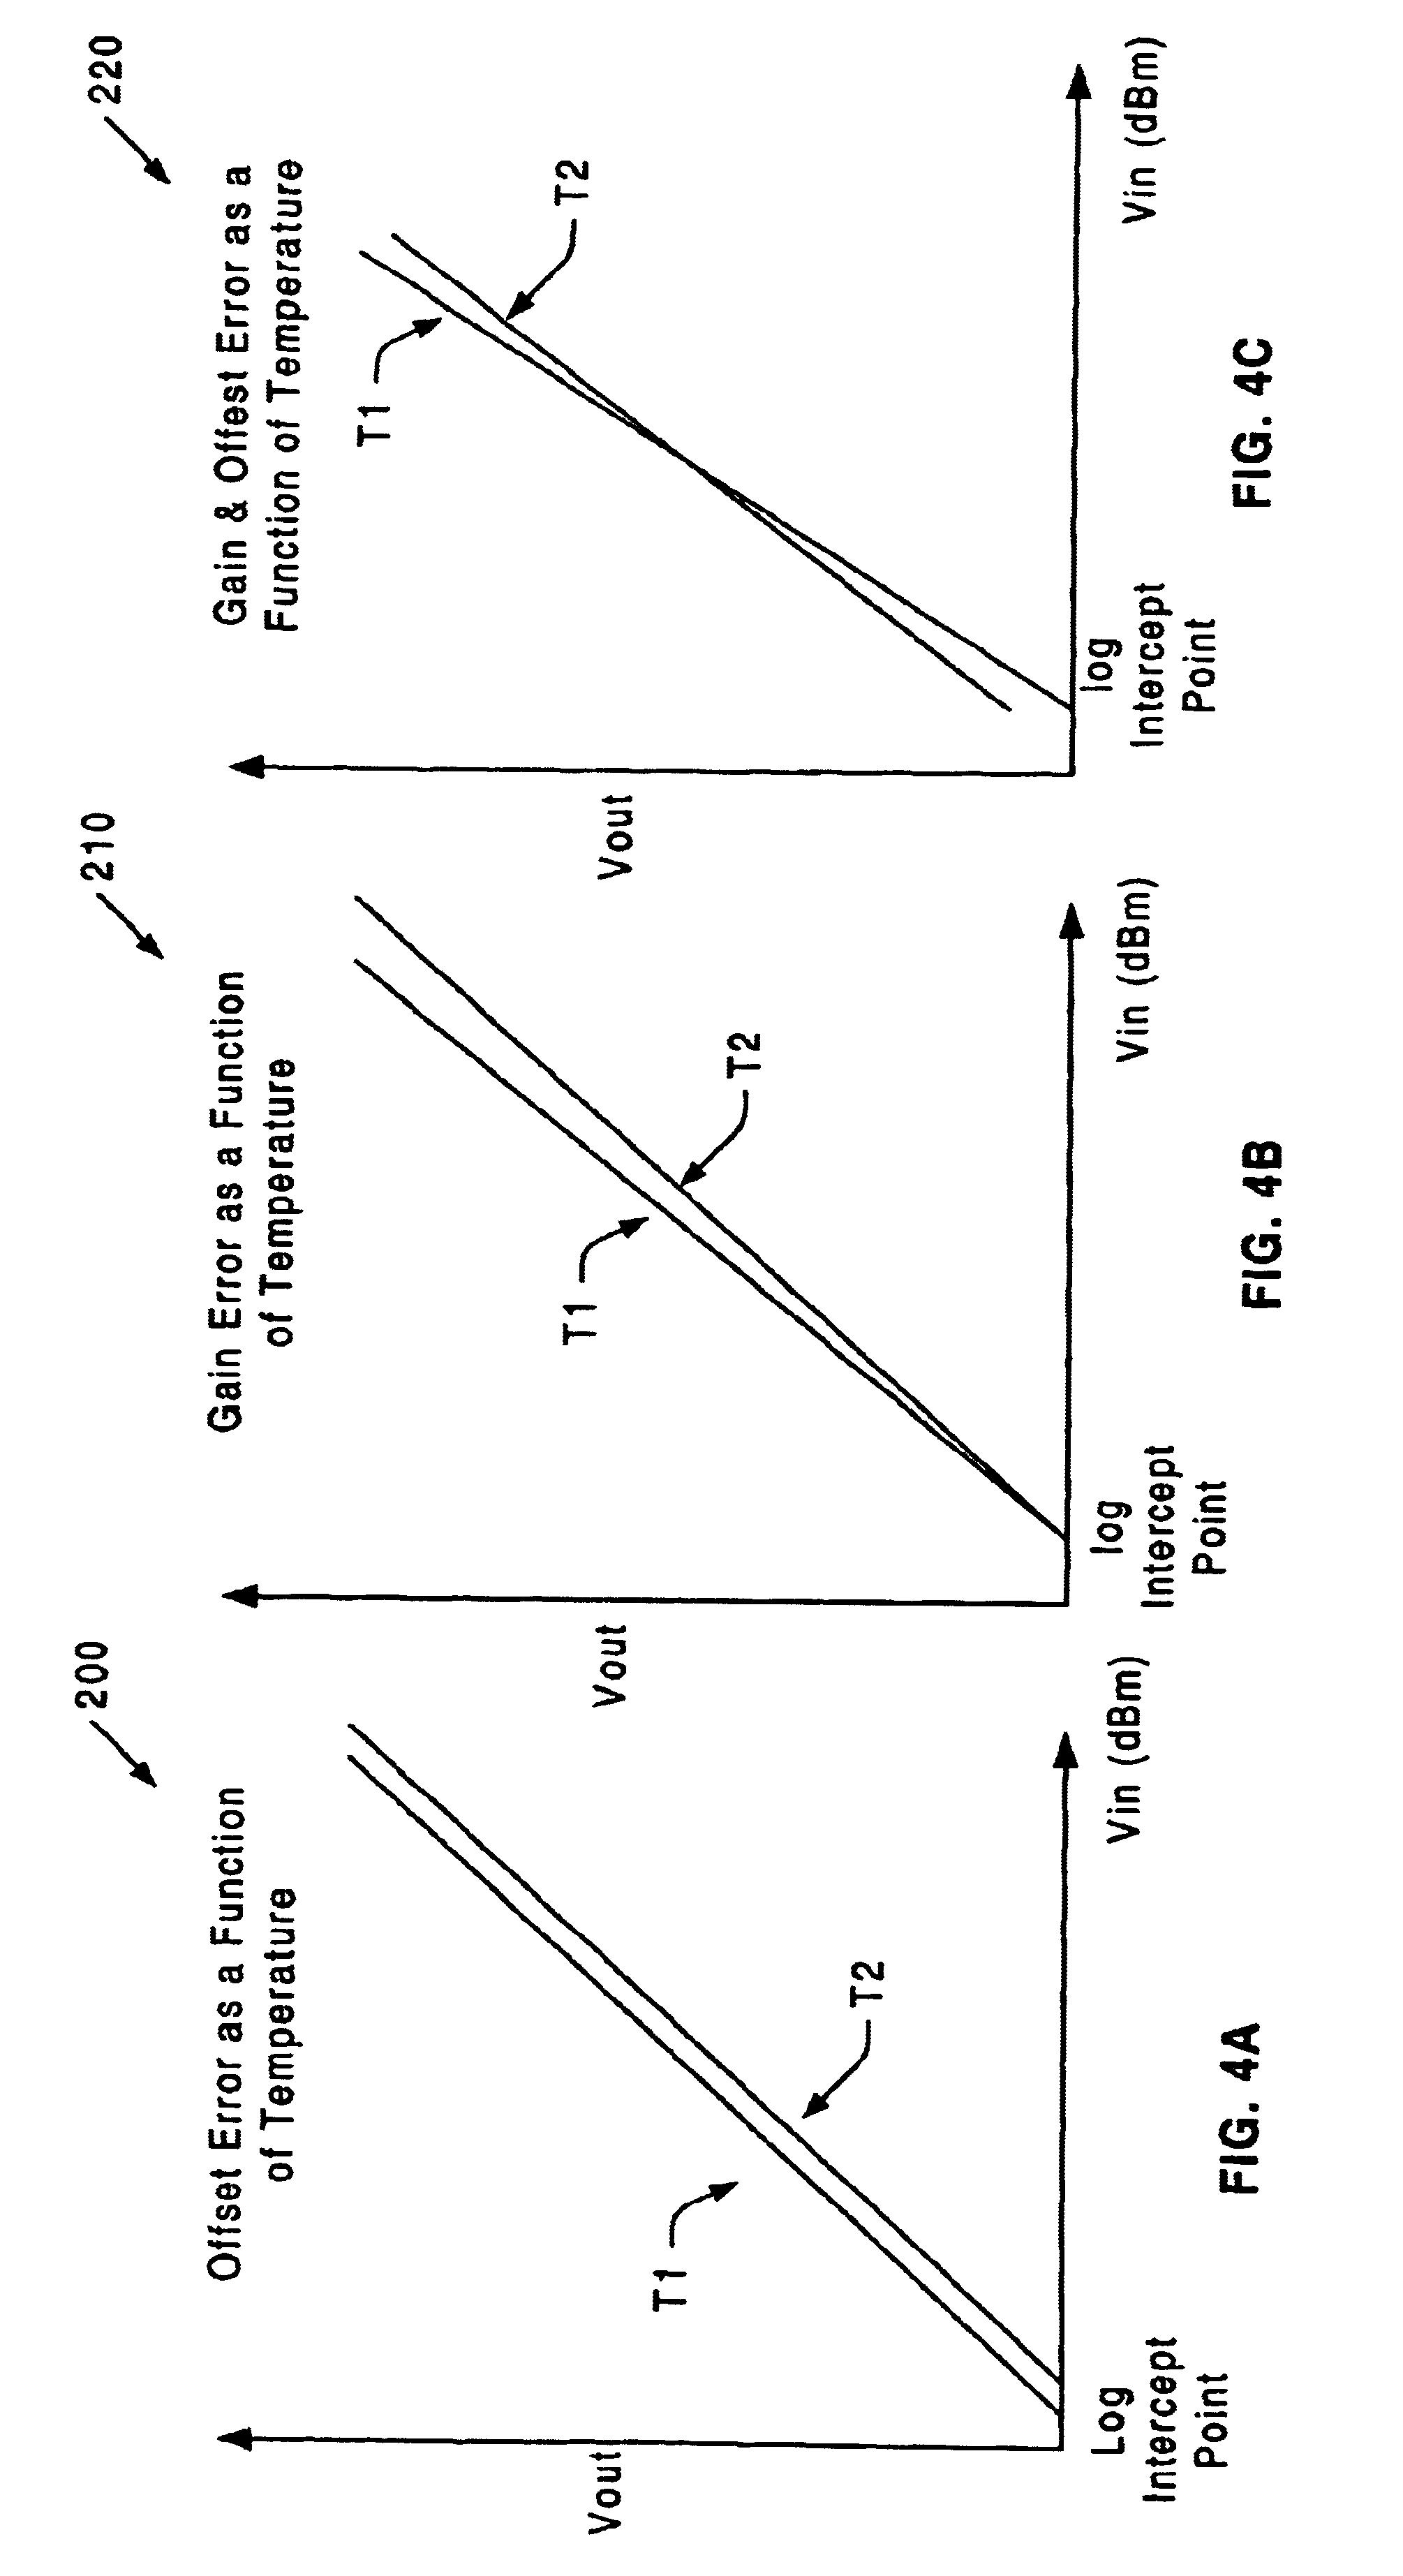 براءة الاختراع US6636099 - Logarithmic amplifier with